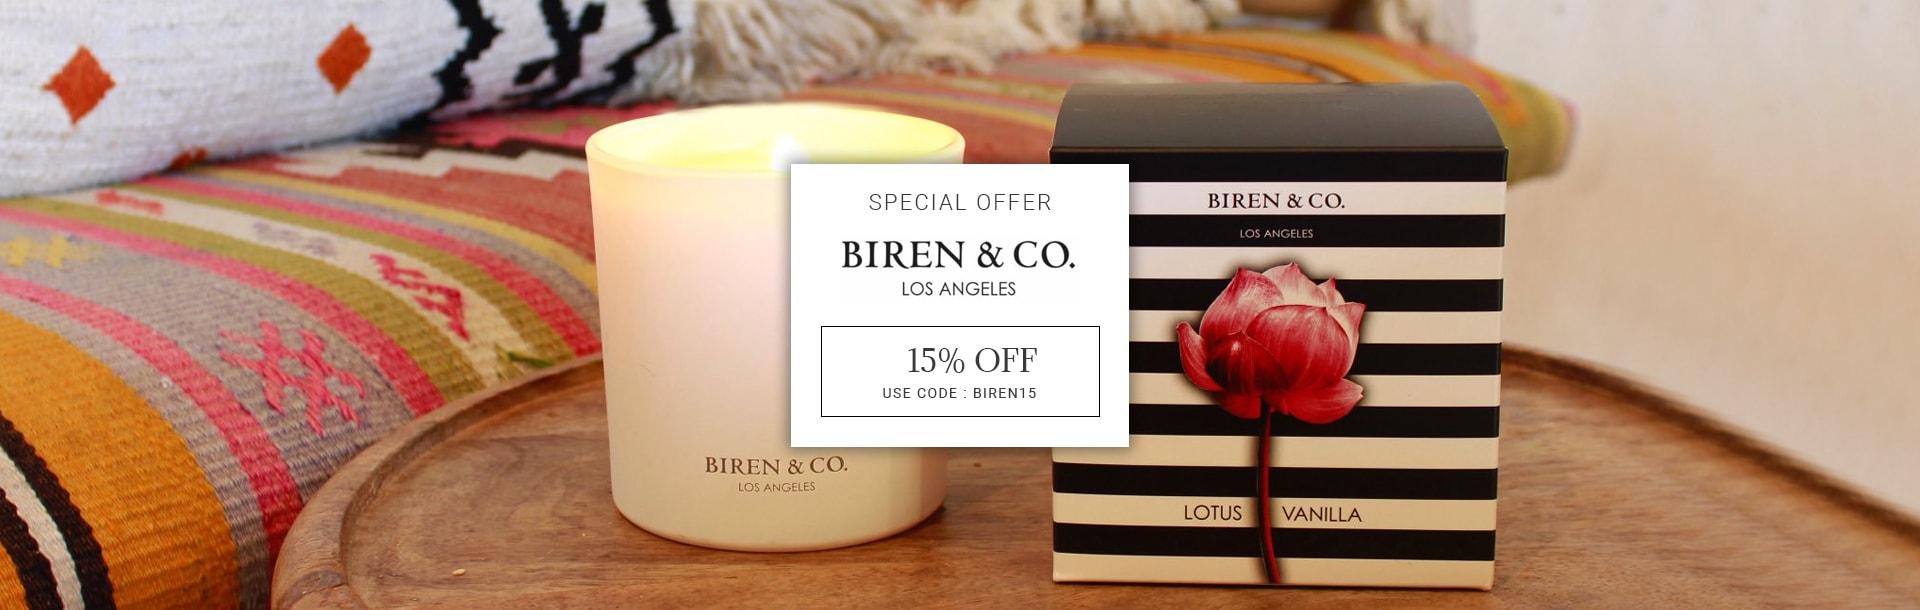 Biren & Co Collection